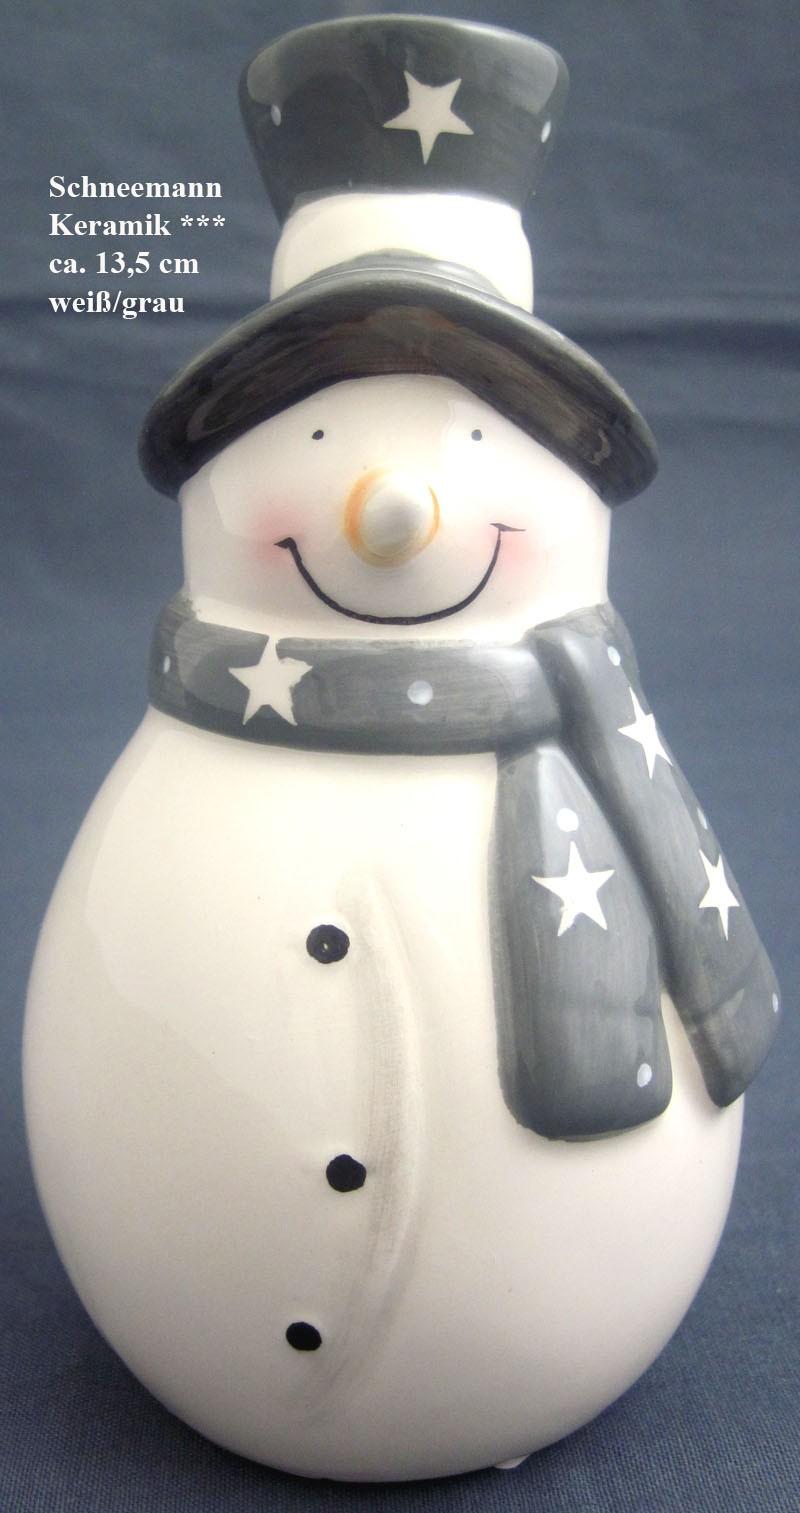 Keramik Schneemann Sternenmuster glasiert grau/weiß ca.13,5x8cm